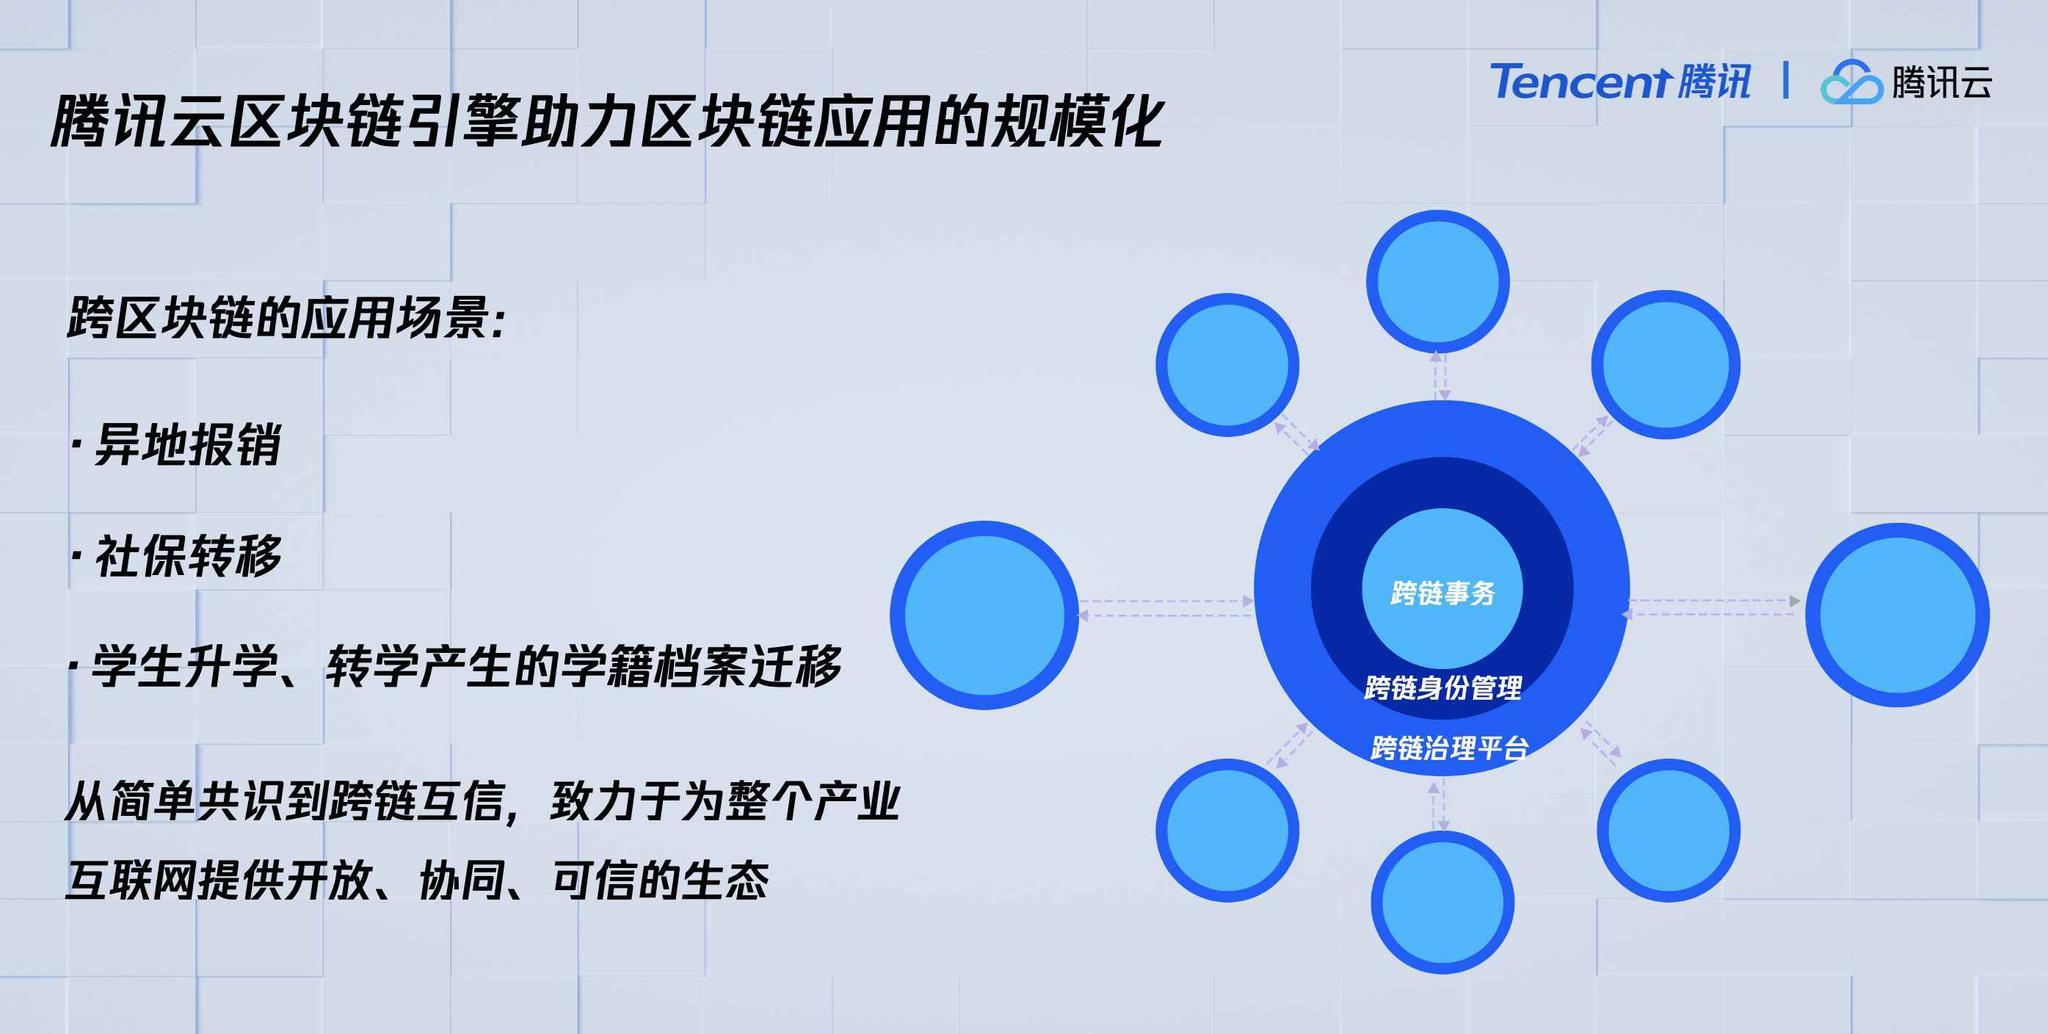 腾讯云发布区块链引擎和区块链可信计算平台,丰富区块链产品矩阵